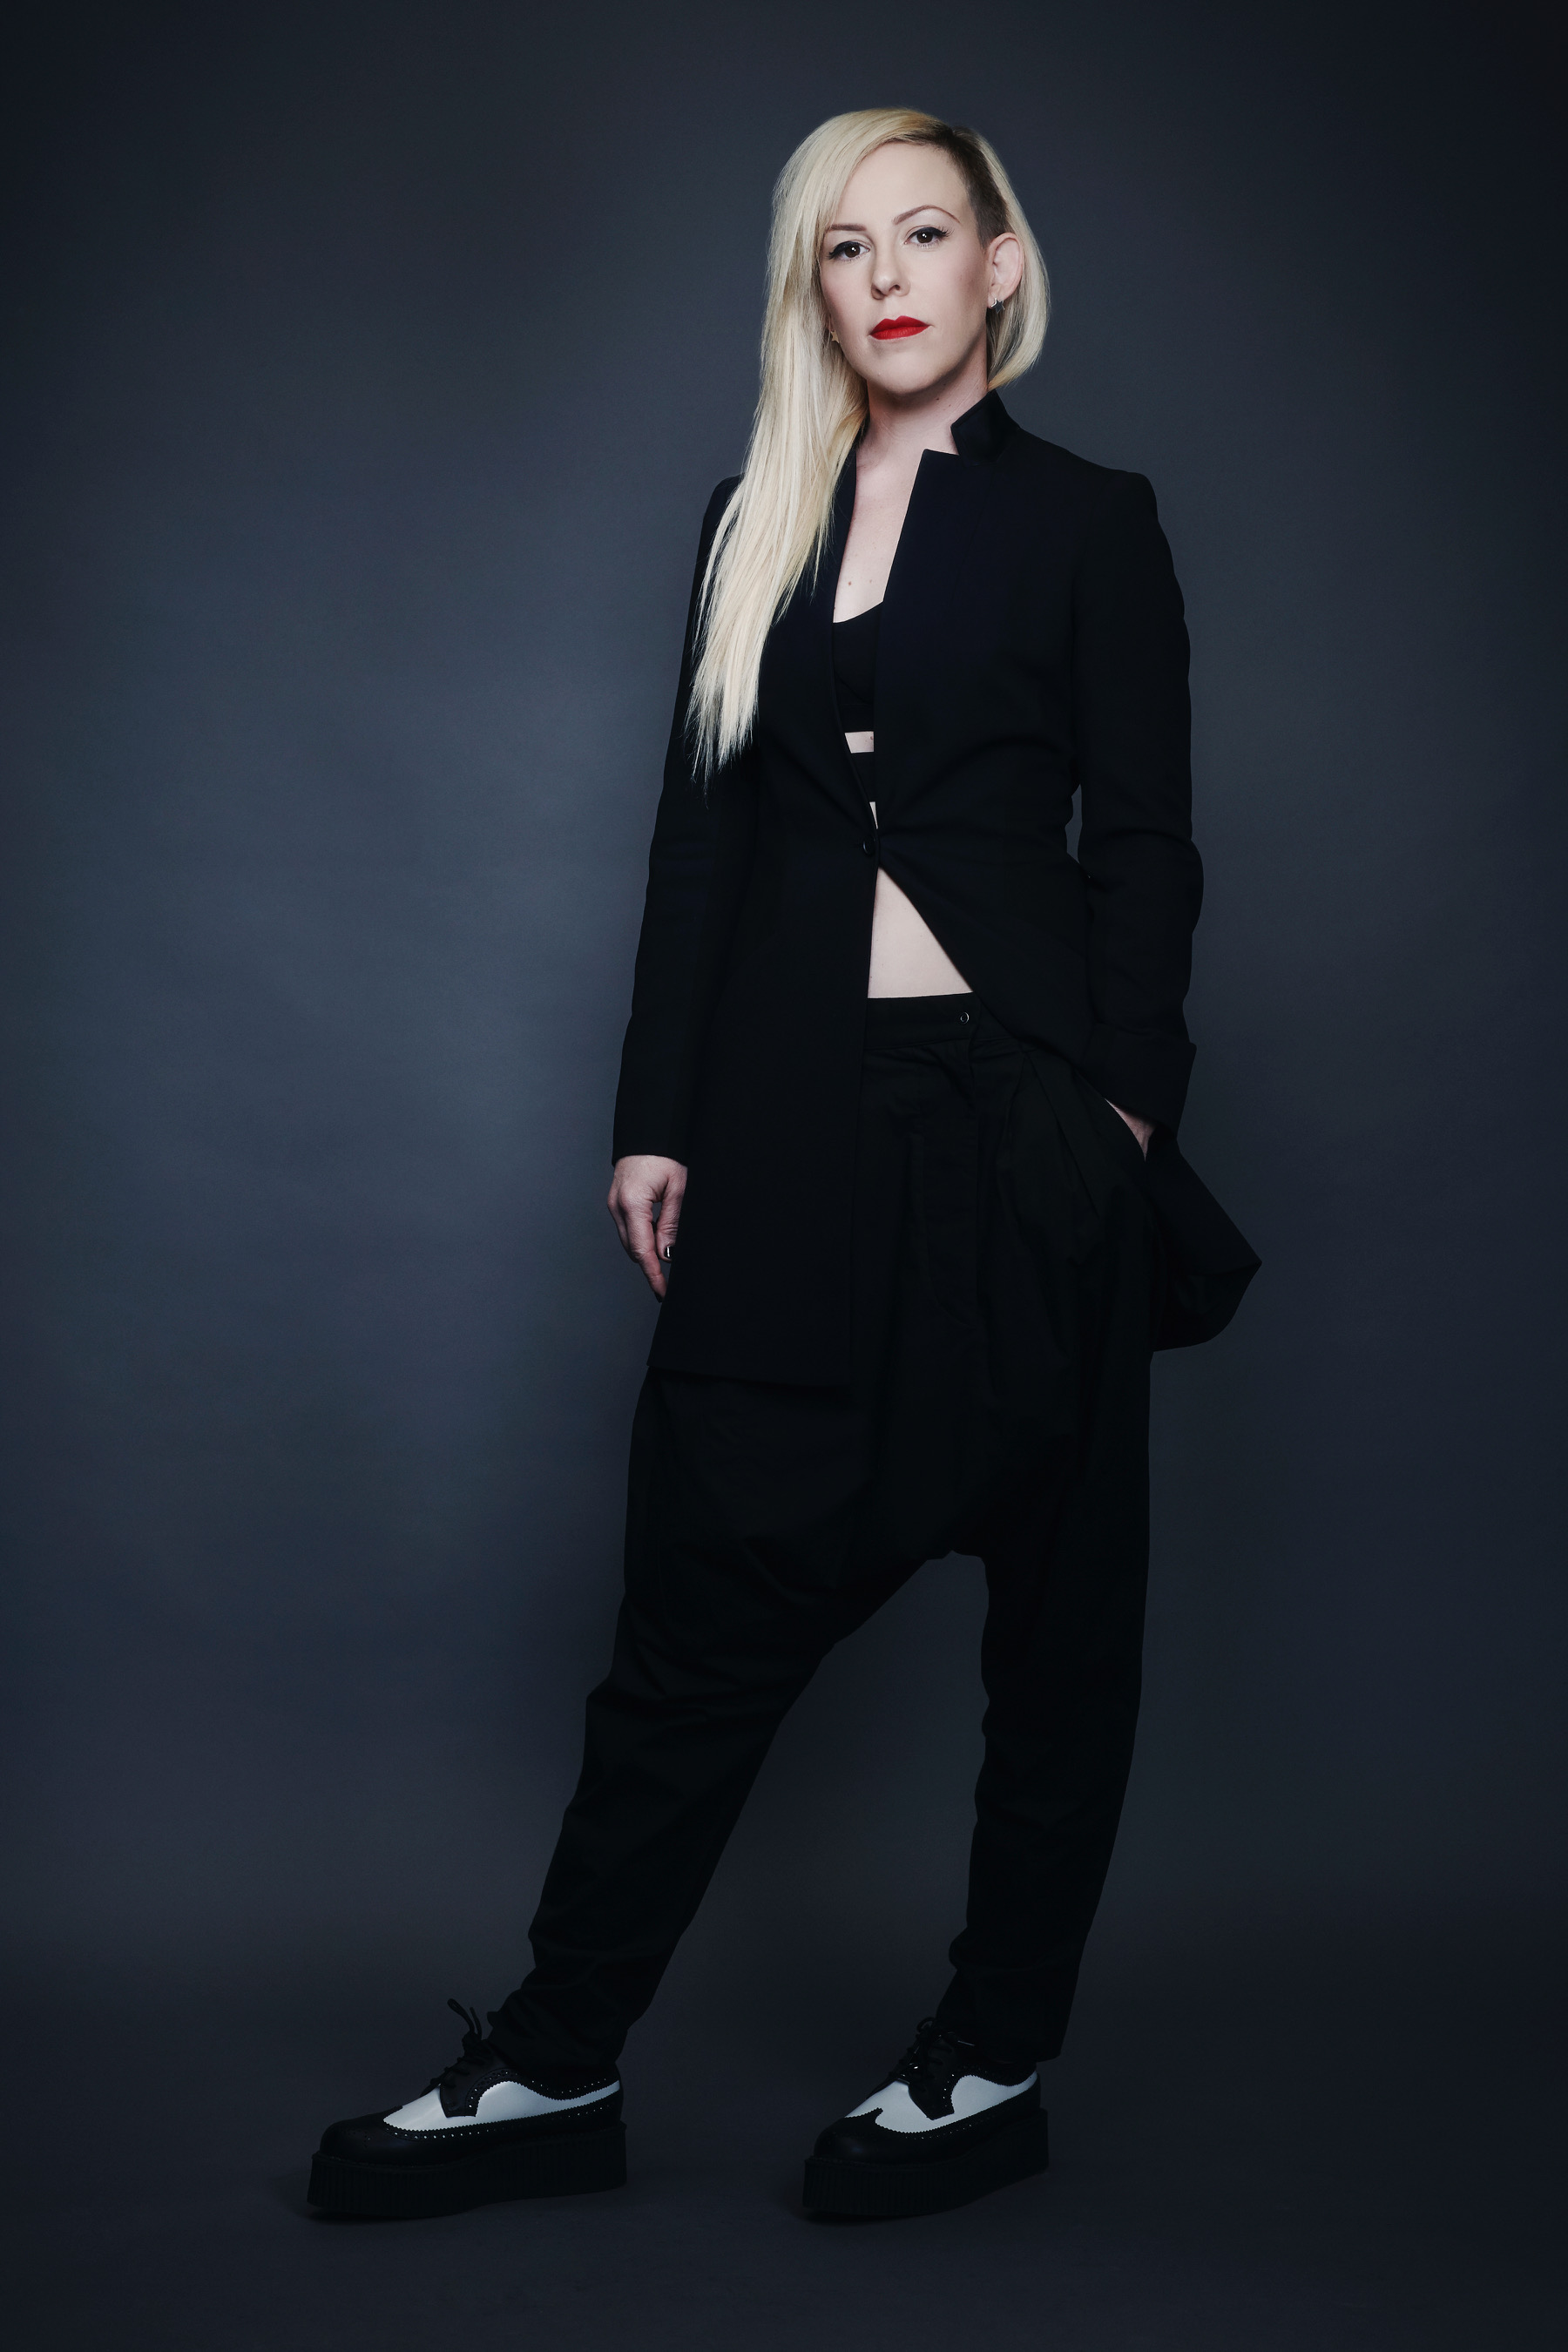 Candice Lambert